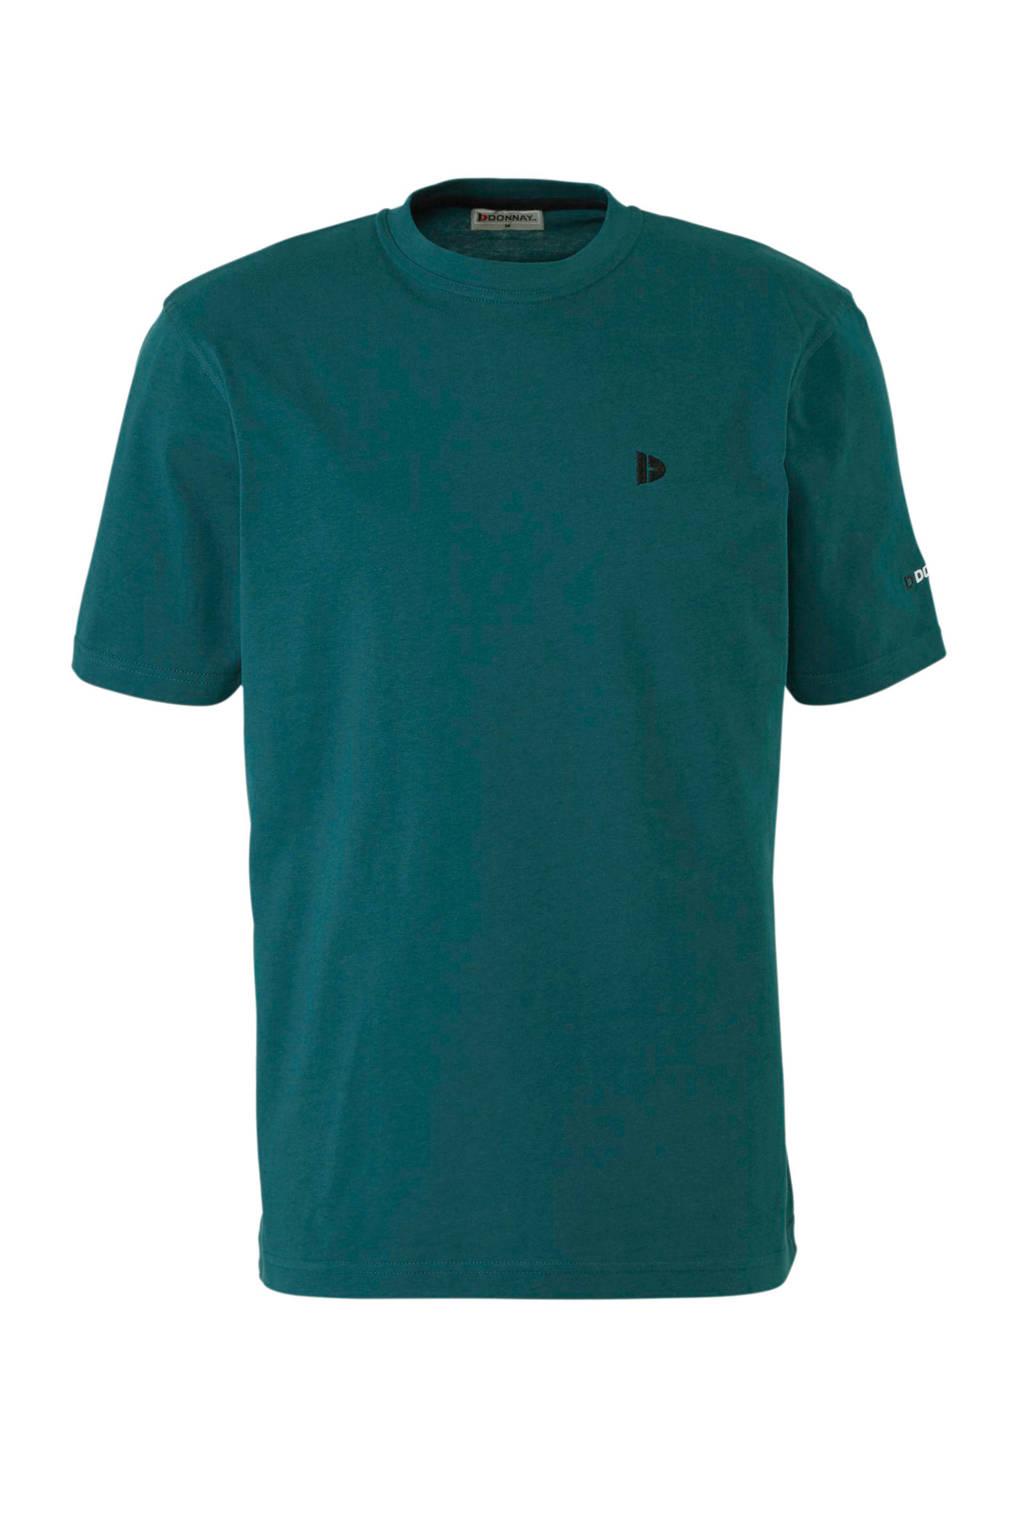 Donnay   sport T-shirt donkergroen, Donkergroen